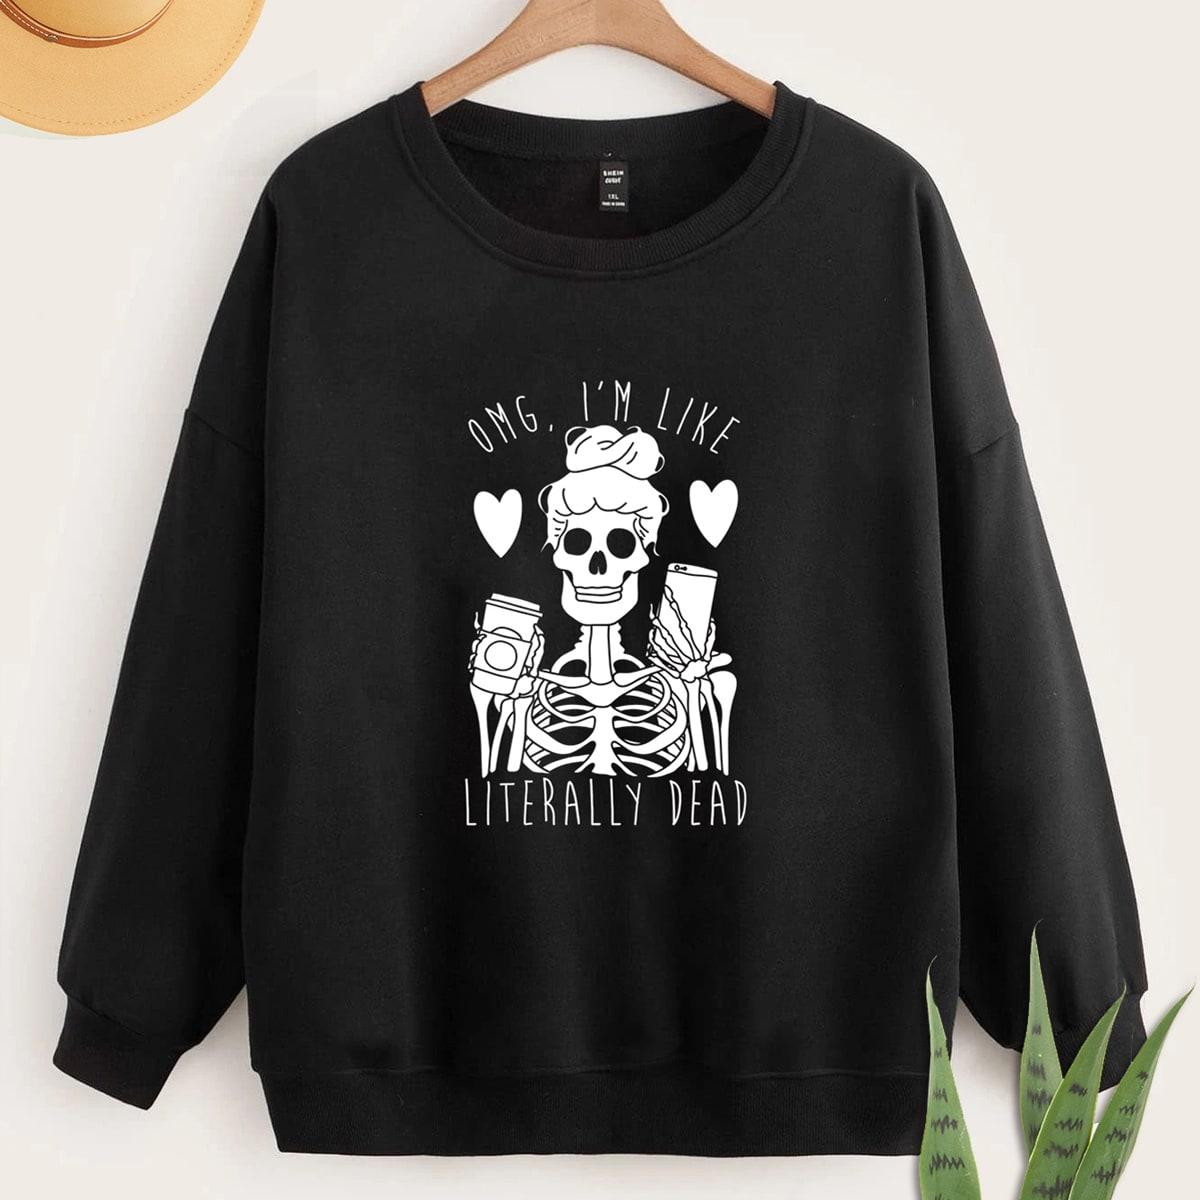 размера плюс Пуловер скелет & с текстовым принтом